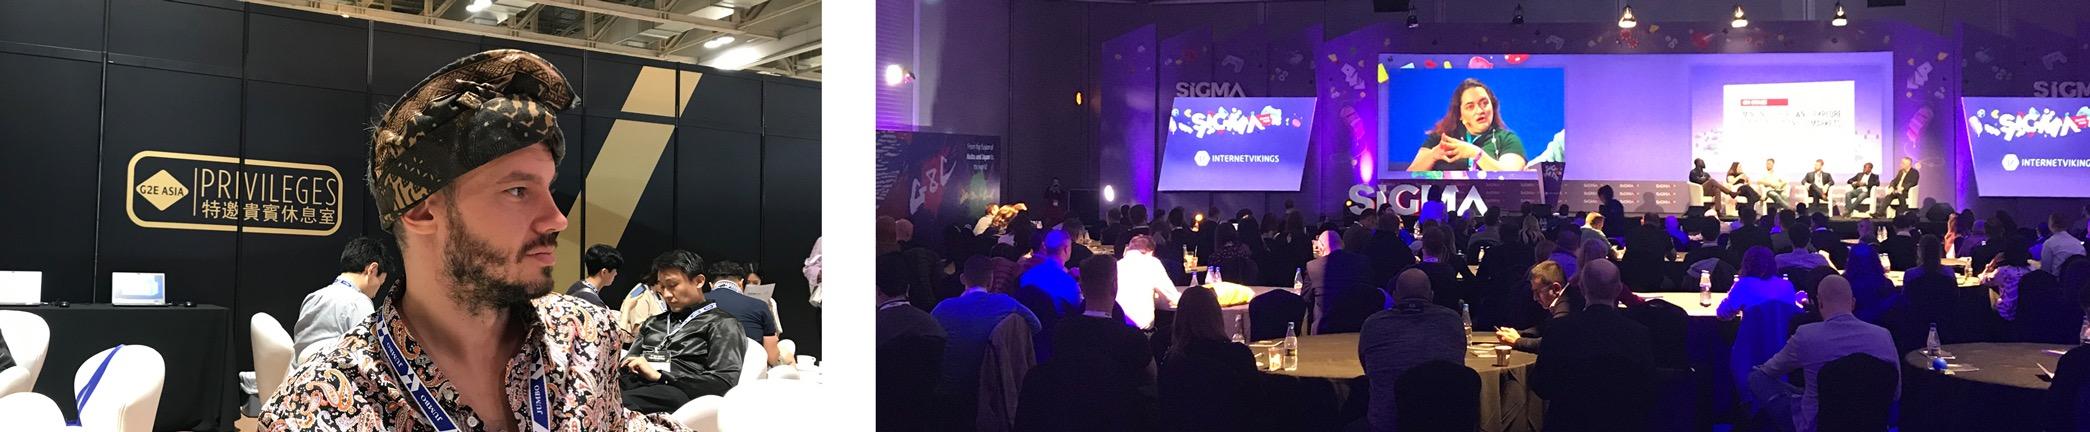 Smart CasinoGuide Sigma G2E võrgumängu konverentsid